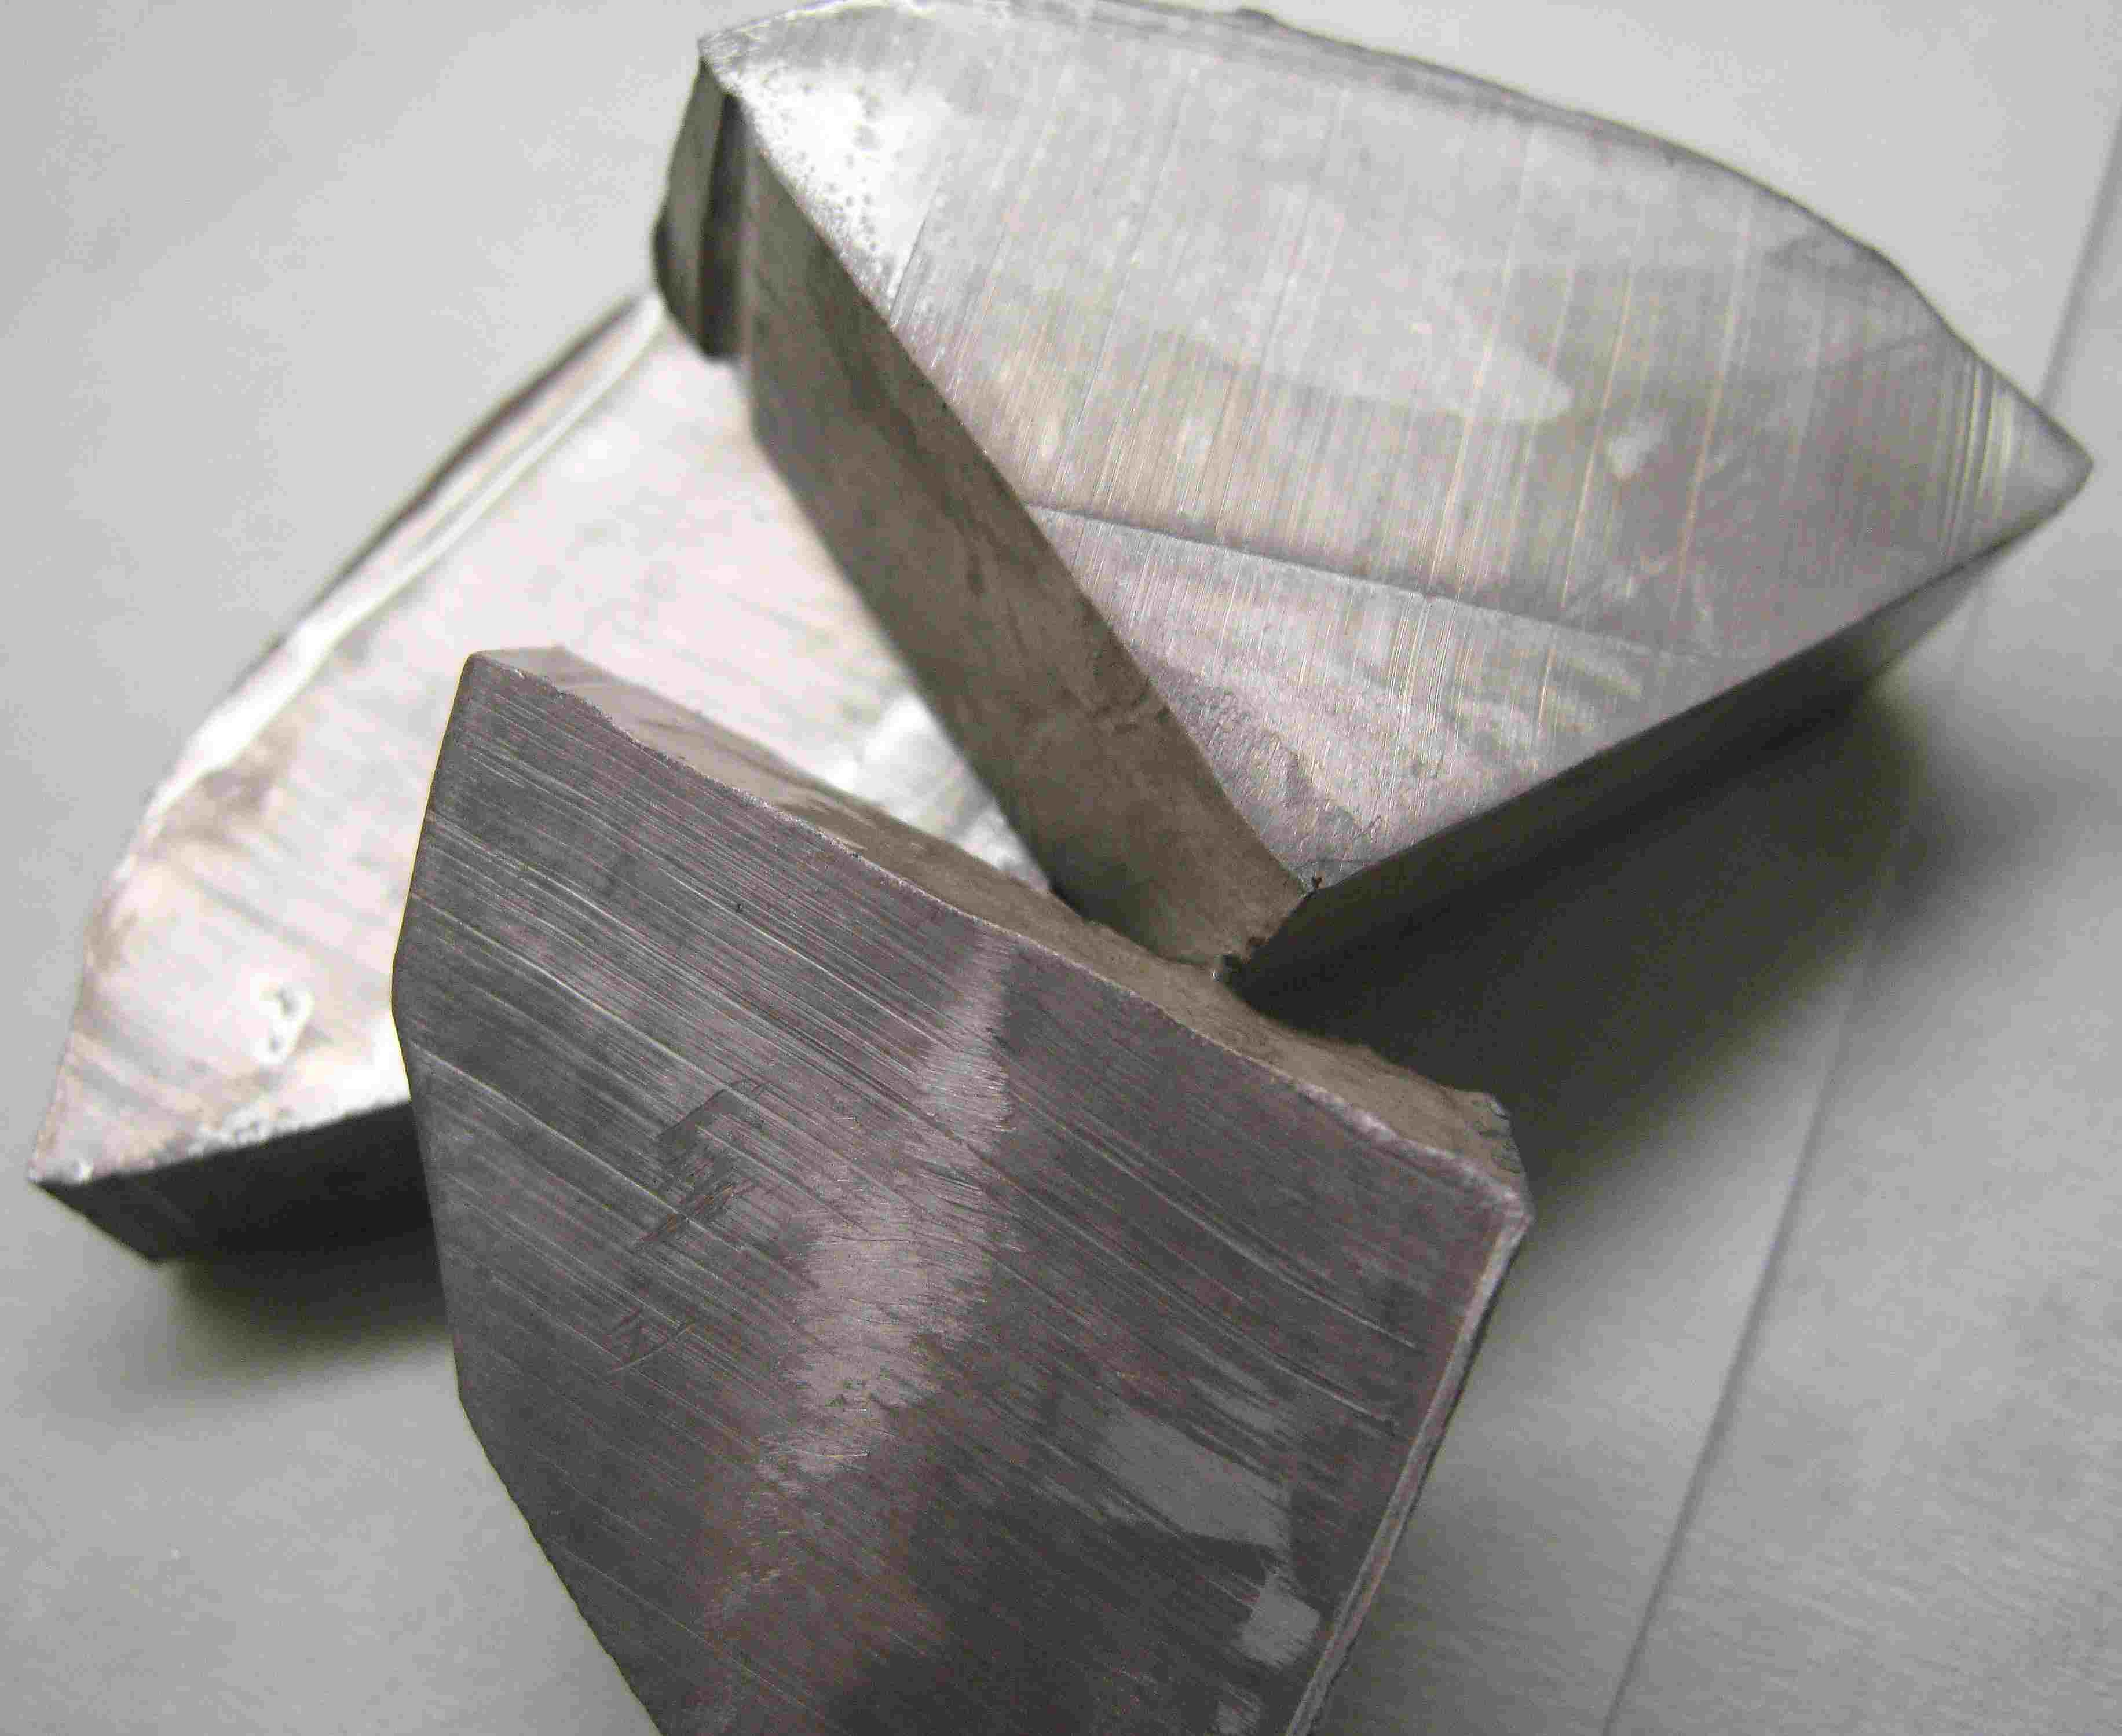 Close up of chunks of Sodium.